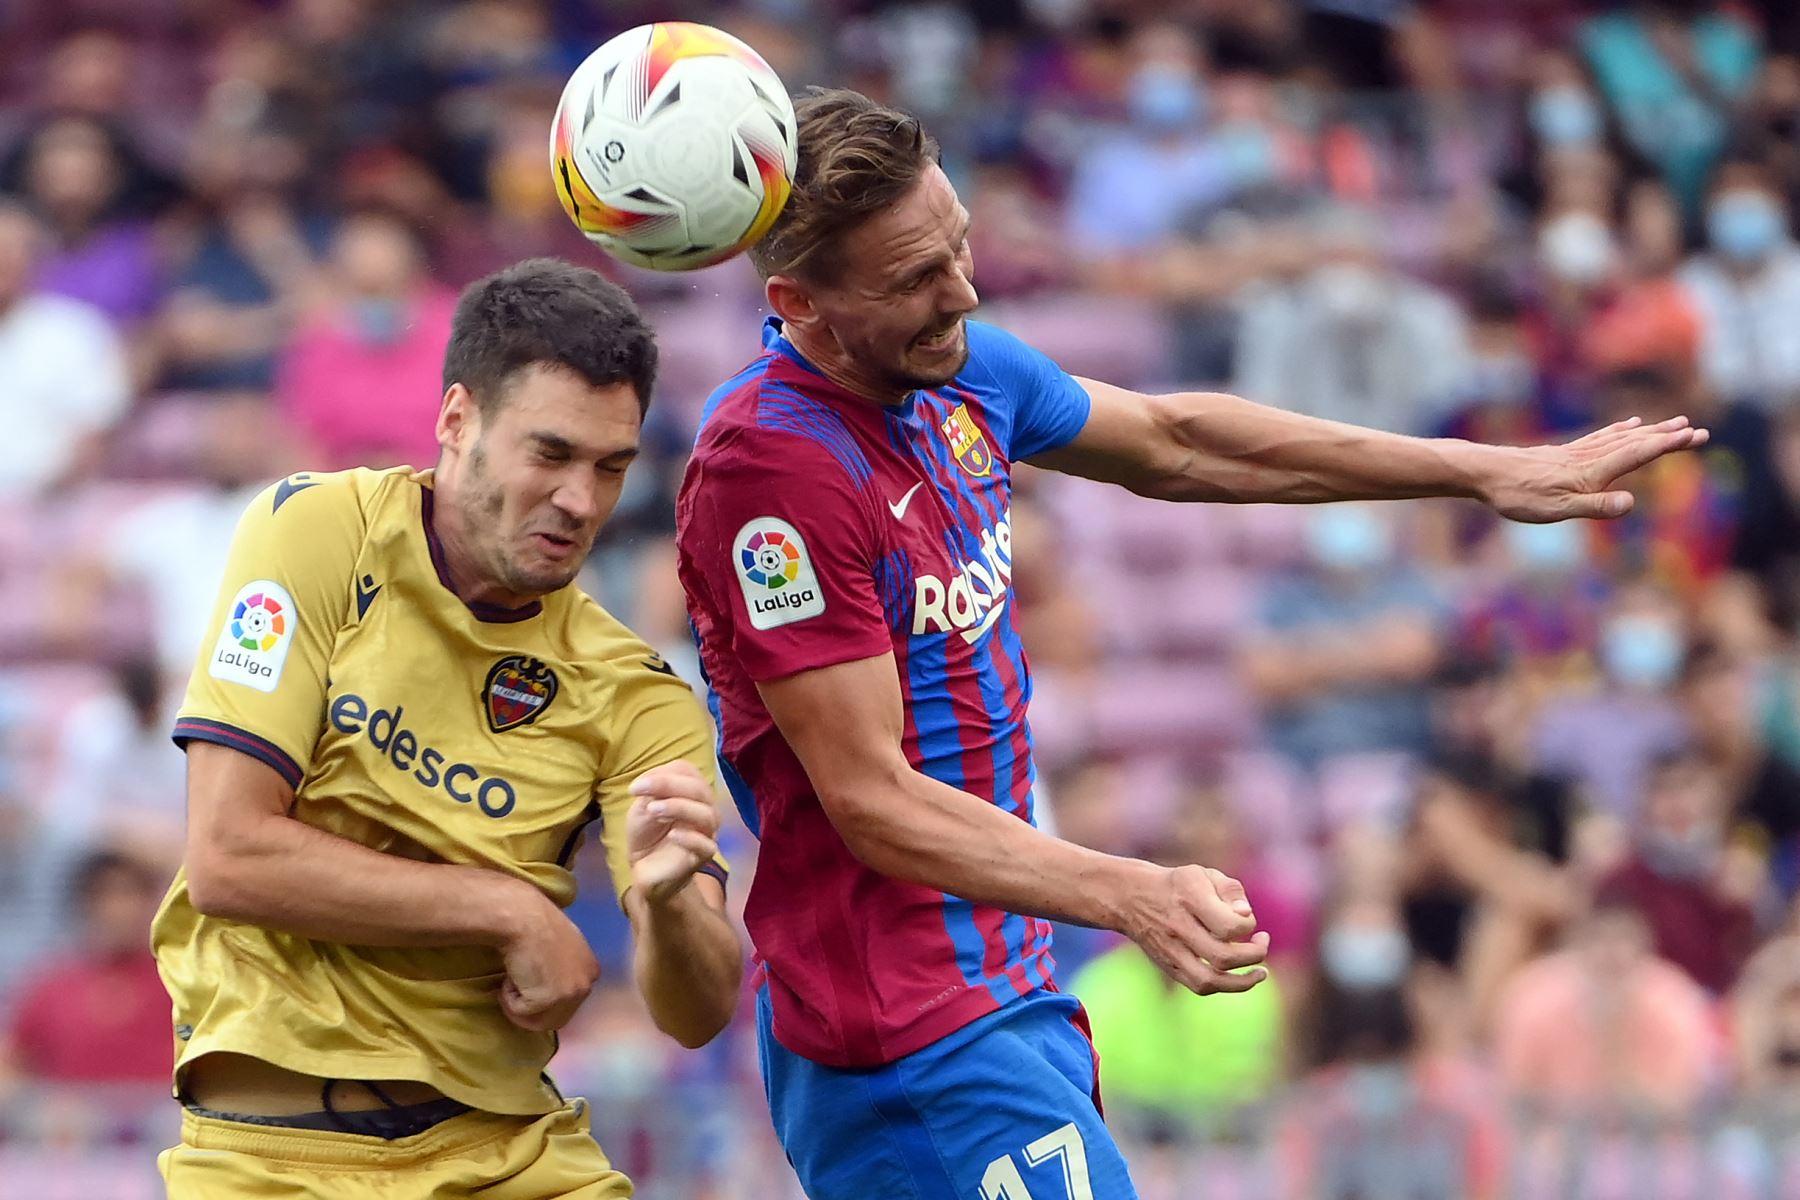 El centrocampista montenegrino del Levante Nikola Vukcevic compite con el delantero holandés del Barcelona Luuk de Jong durante el partido de la Liga española. Foto: AFP